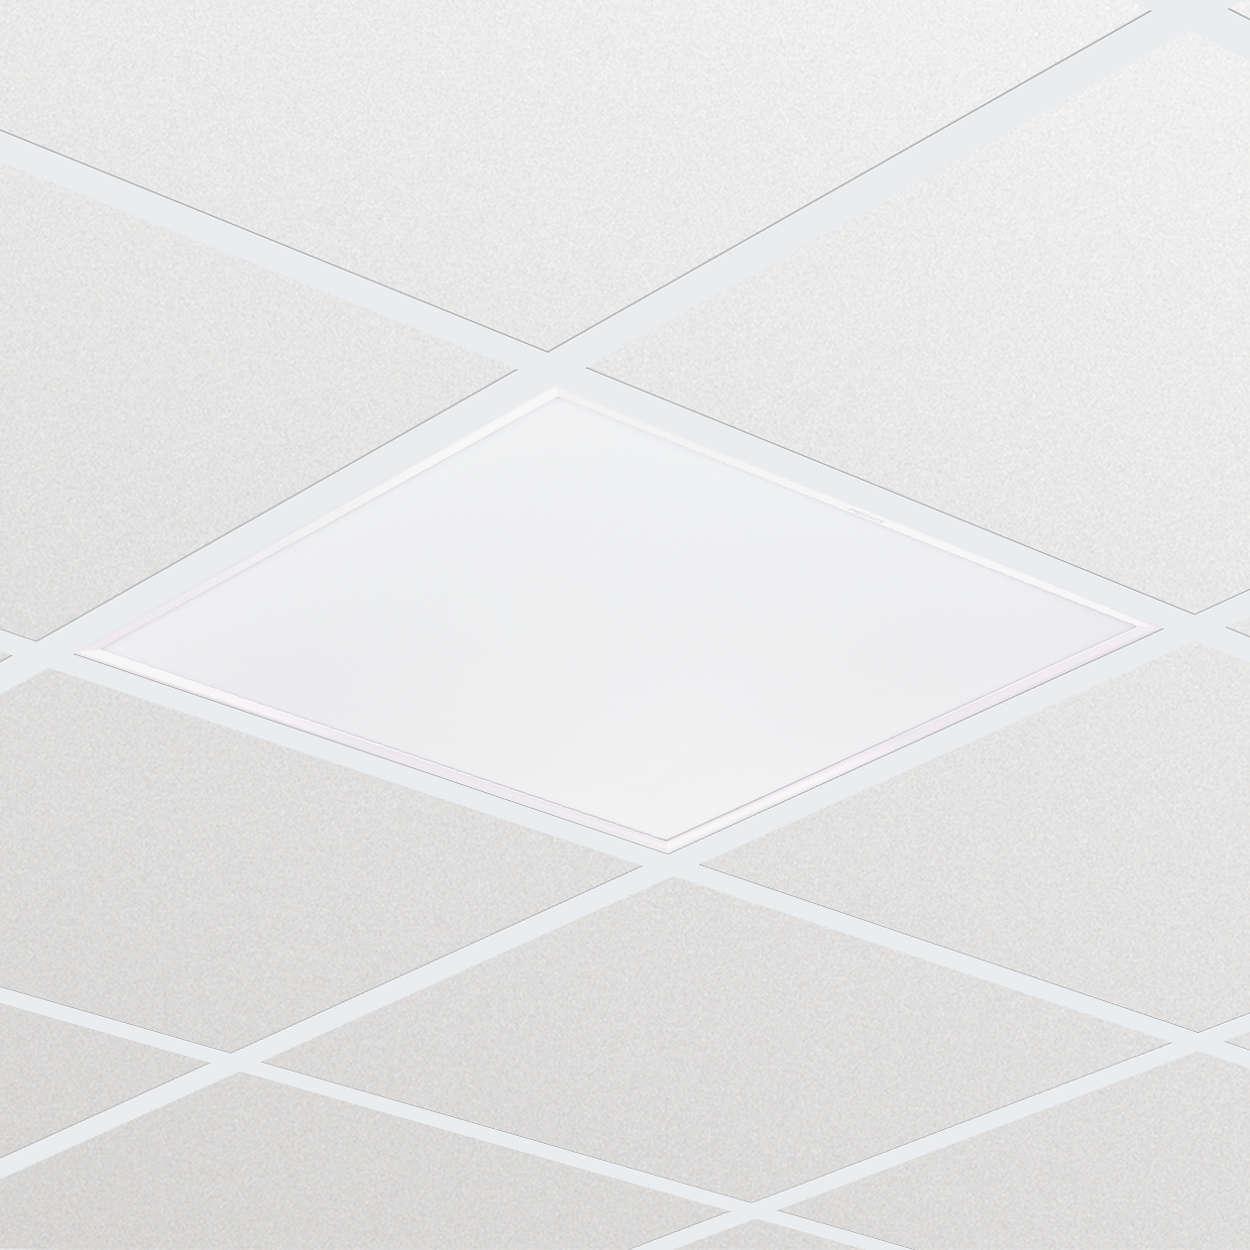 CoreLine Panel: tecnología LED que proporciona una luz uniforme de excelente calidad